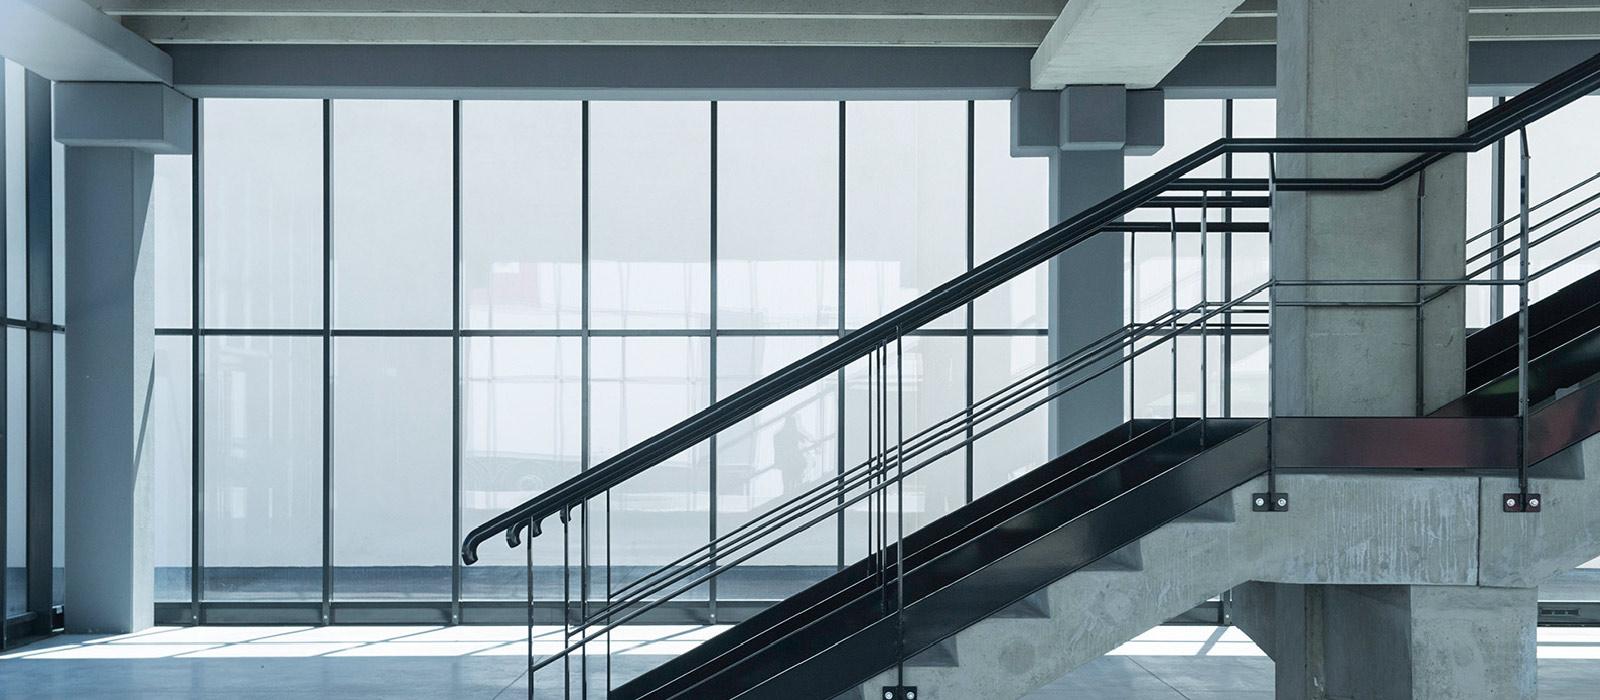 LPM Prefabbricati - Prefabbricati in cemento armato per edilizia industriale e civile